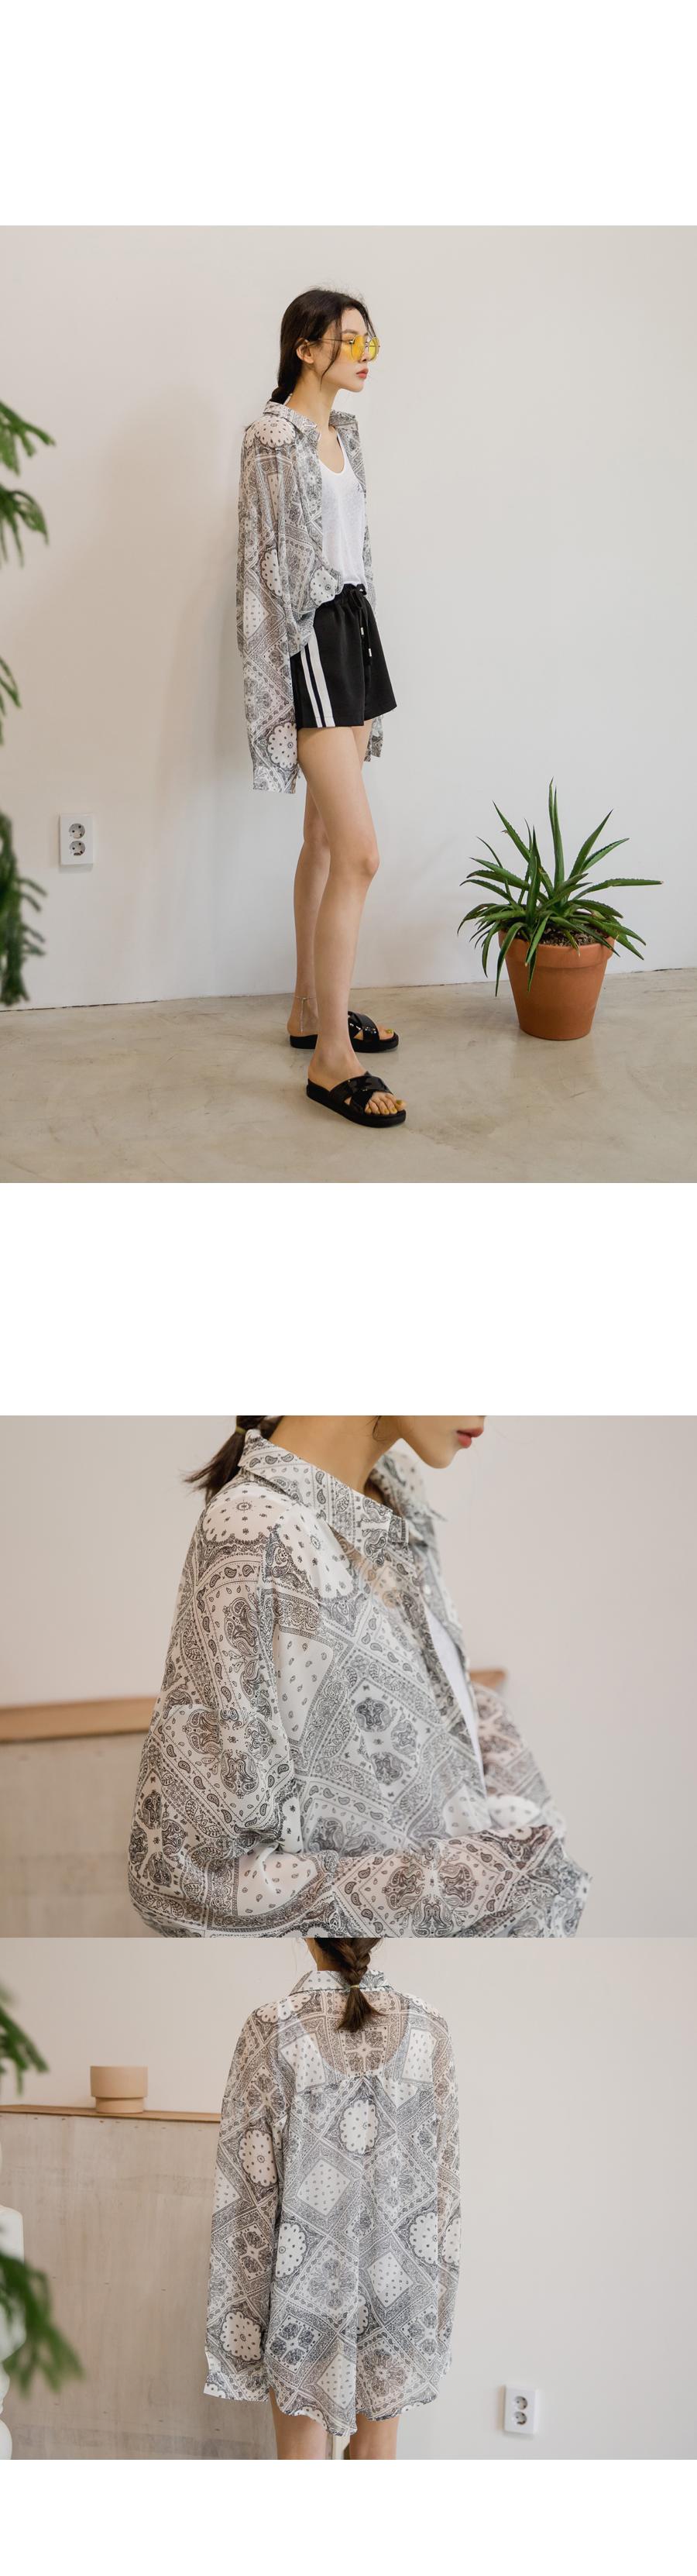 Chiffon paisley shirt